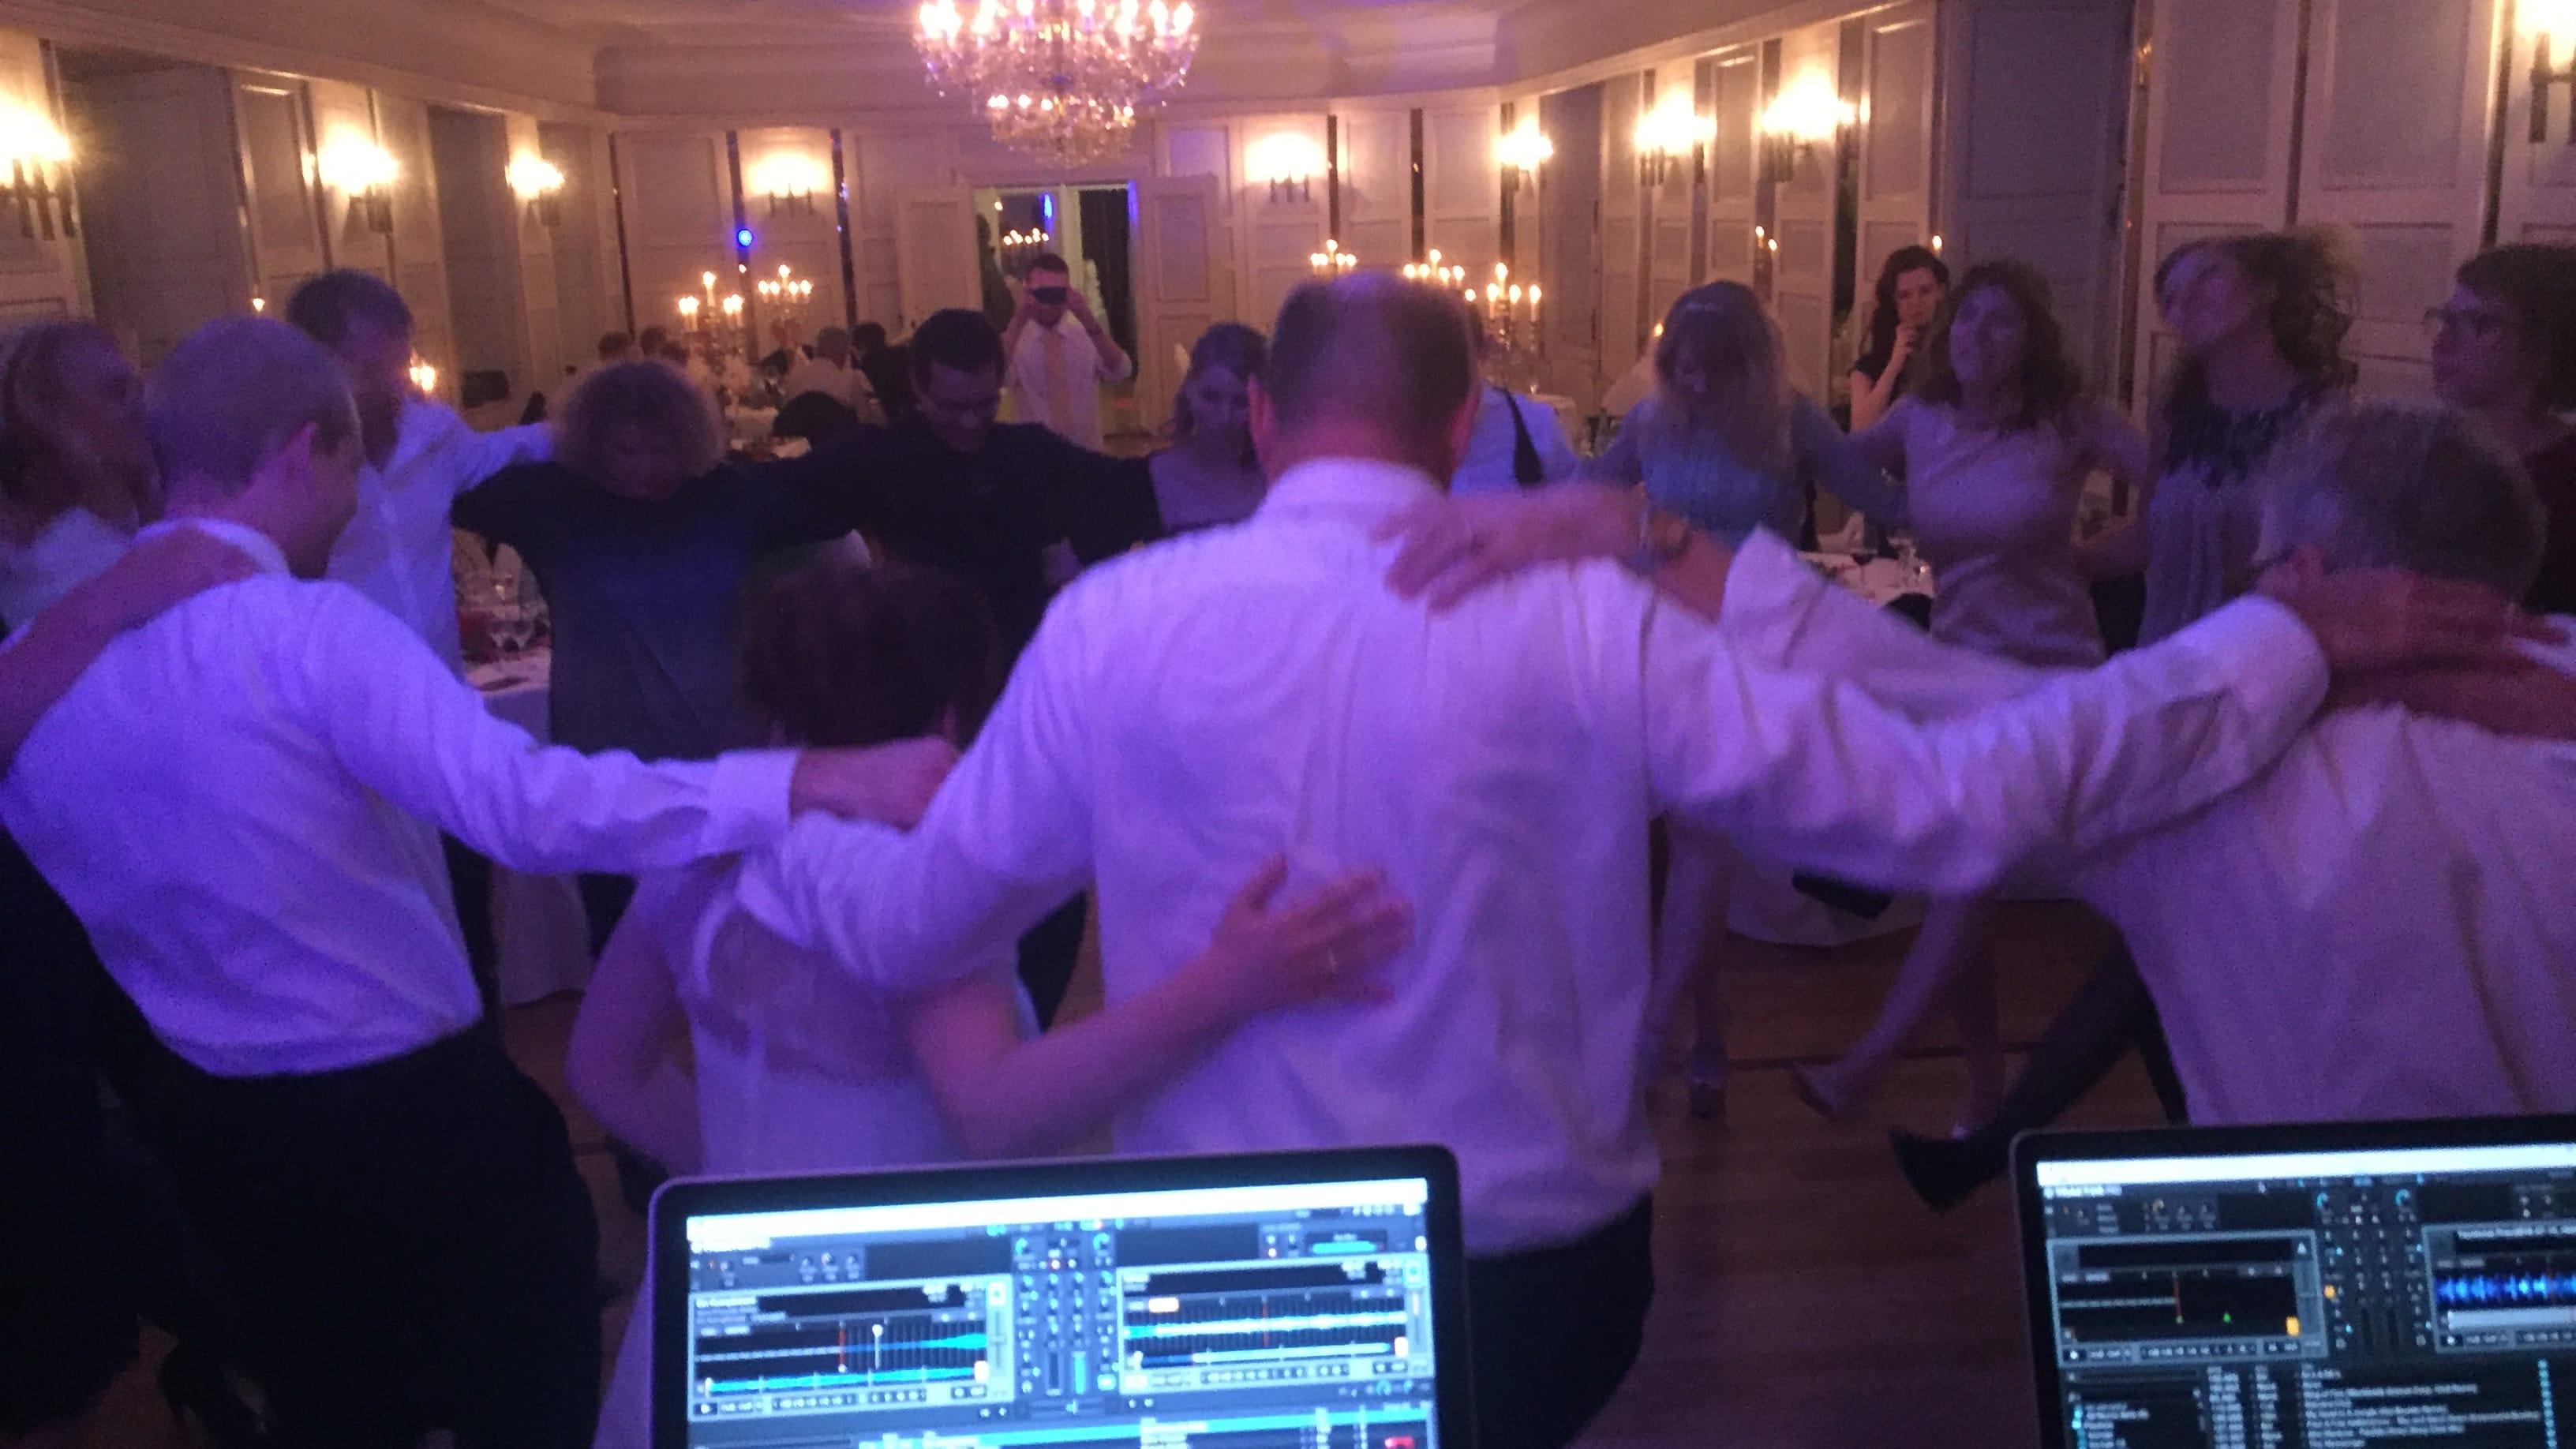 Volle Tanzfläche bei einer Hochzeit in München